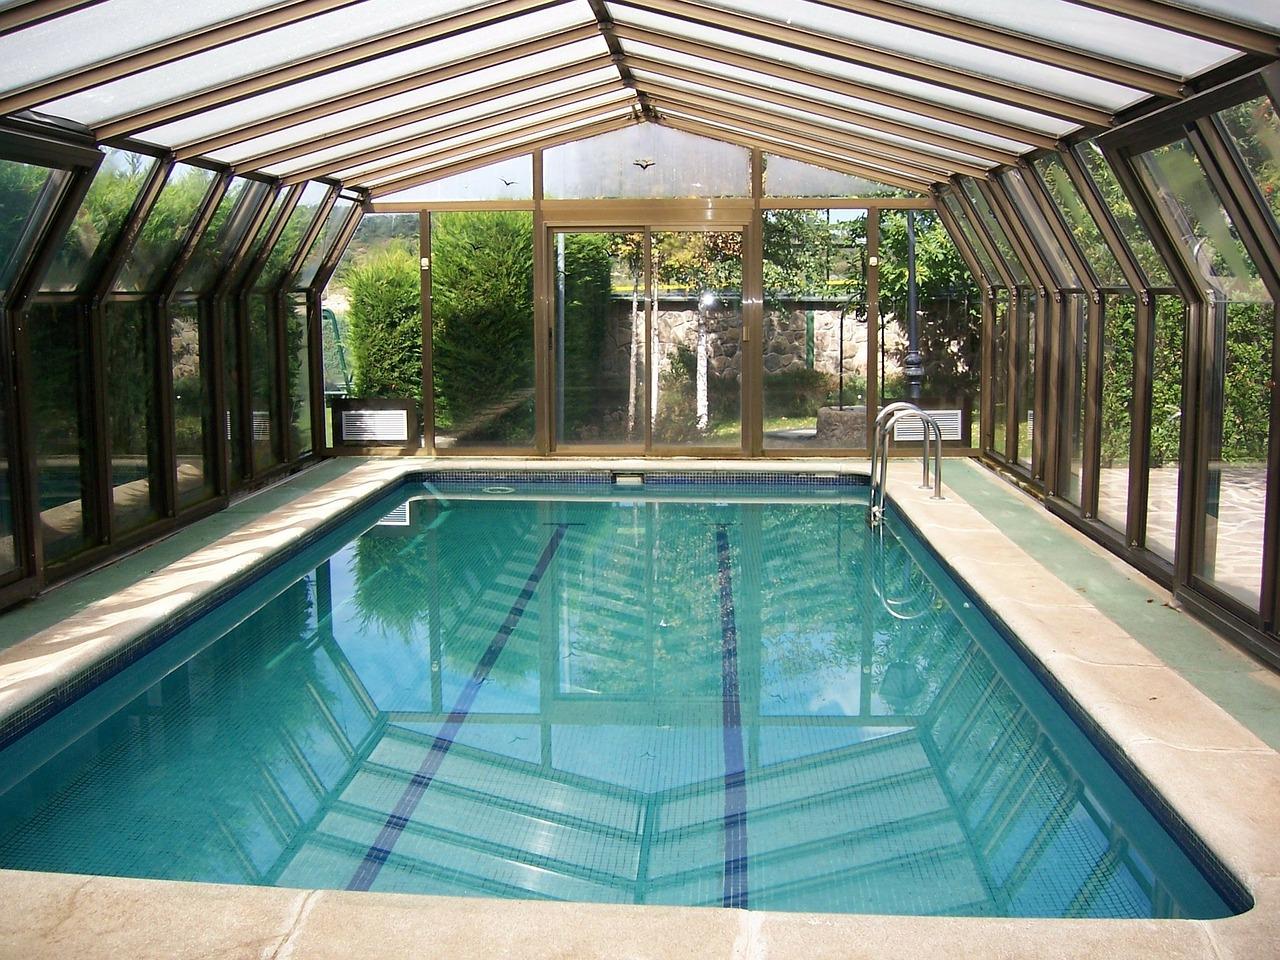 スライダーオフシーズントレーニングは温水プールを活用